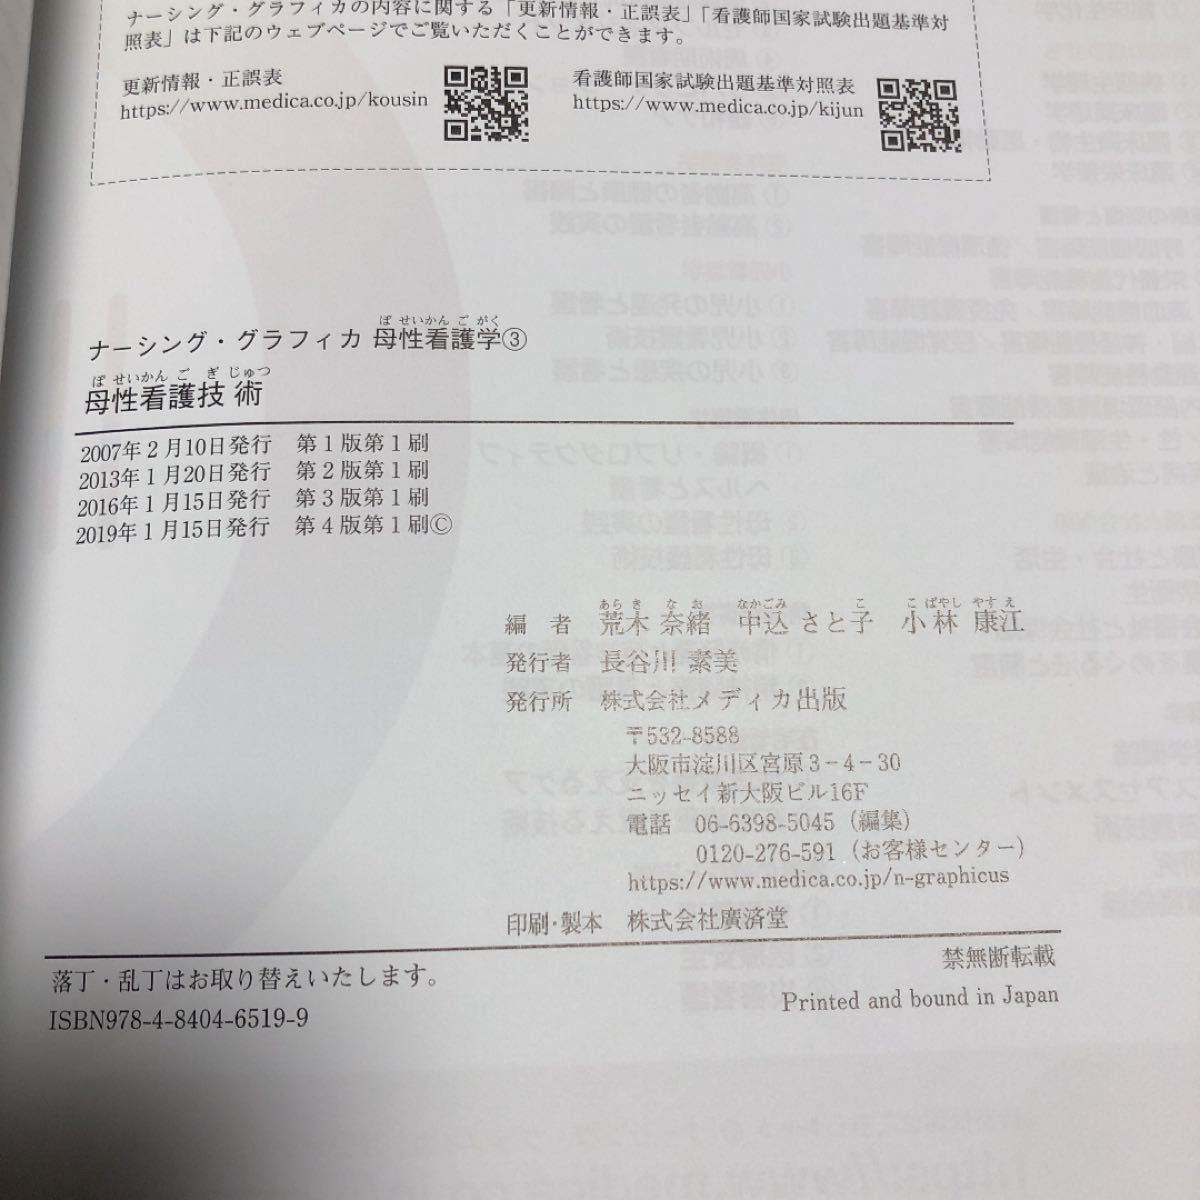 母性看護技術/荒木奈緒/中込さと子/小林康江